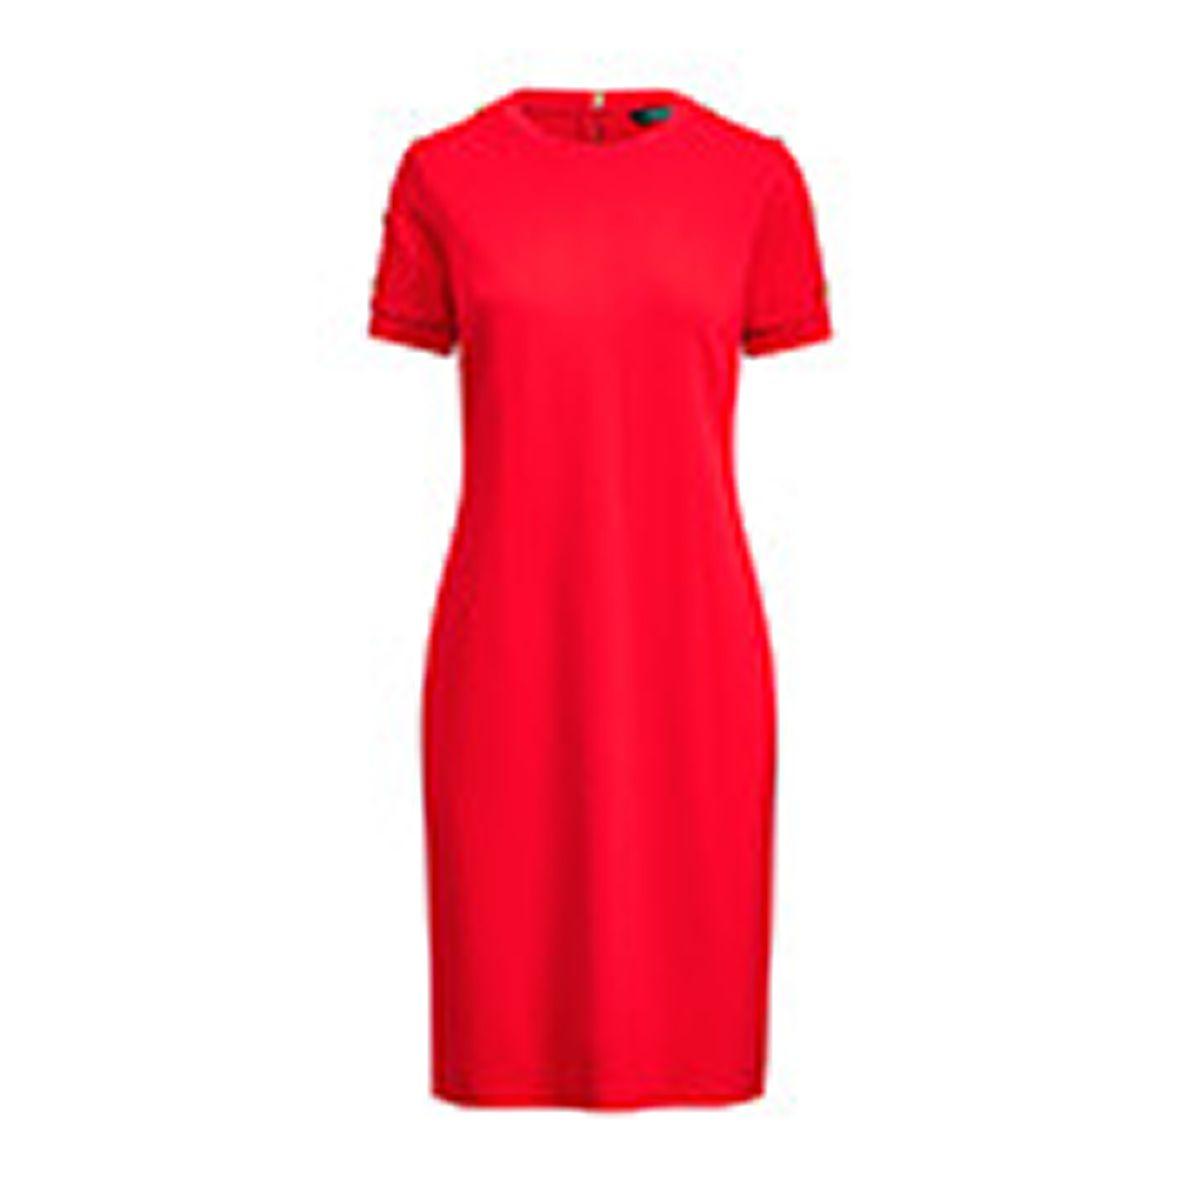 d4b1acc57f6d0 Lauren Ralph Lauren Dresses for Women - Macy s